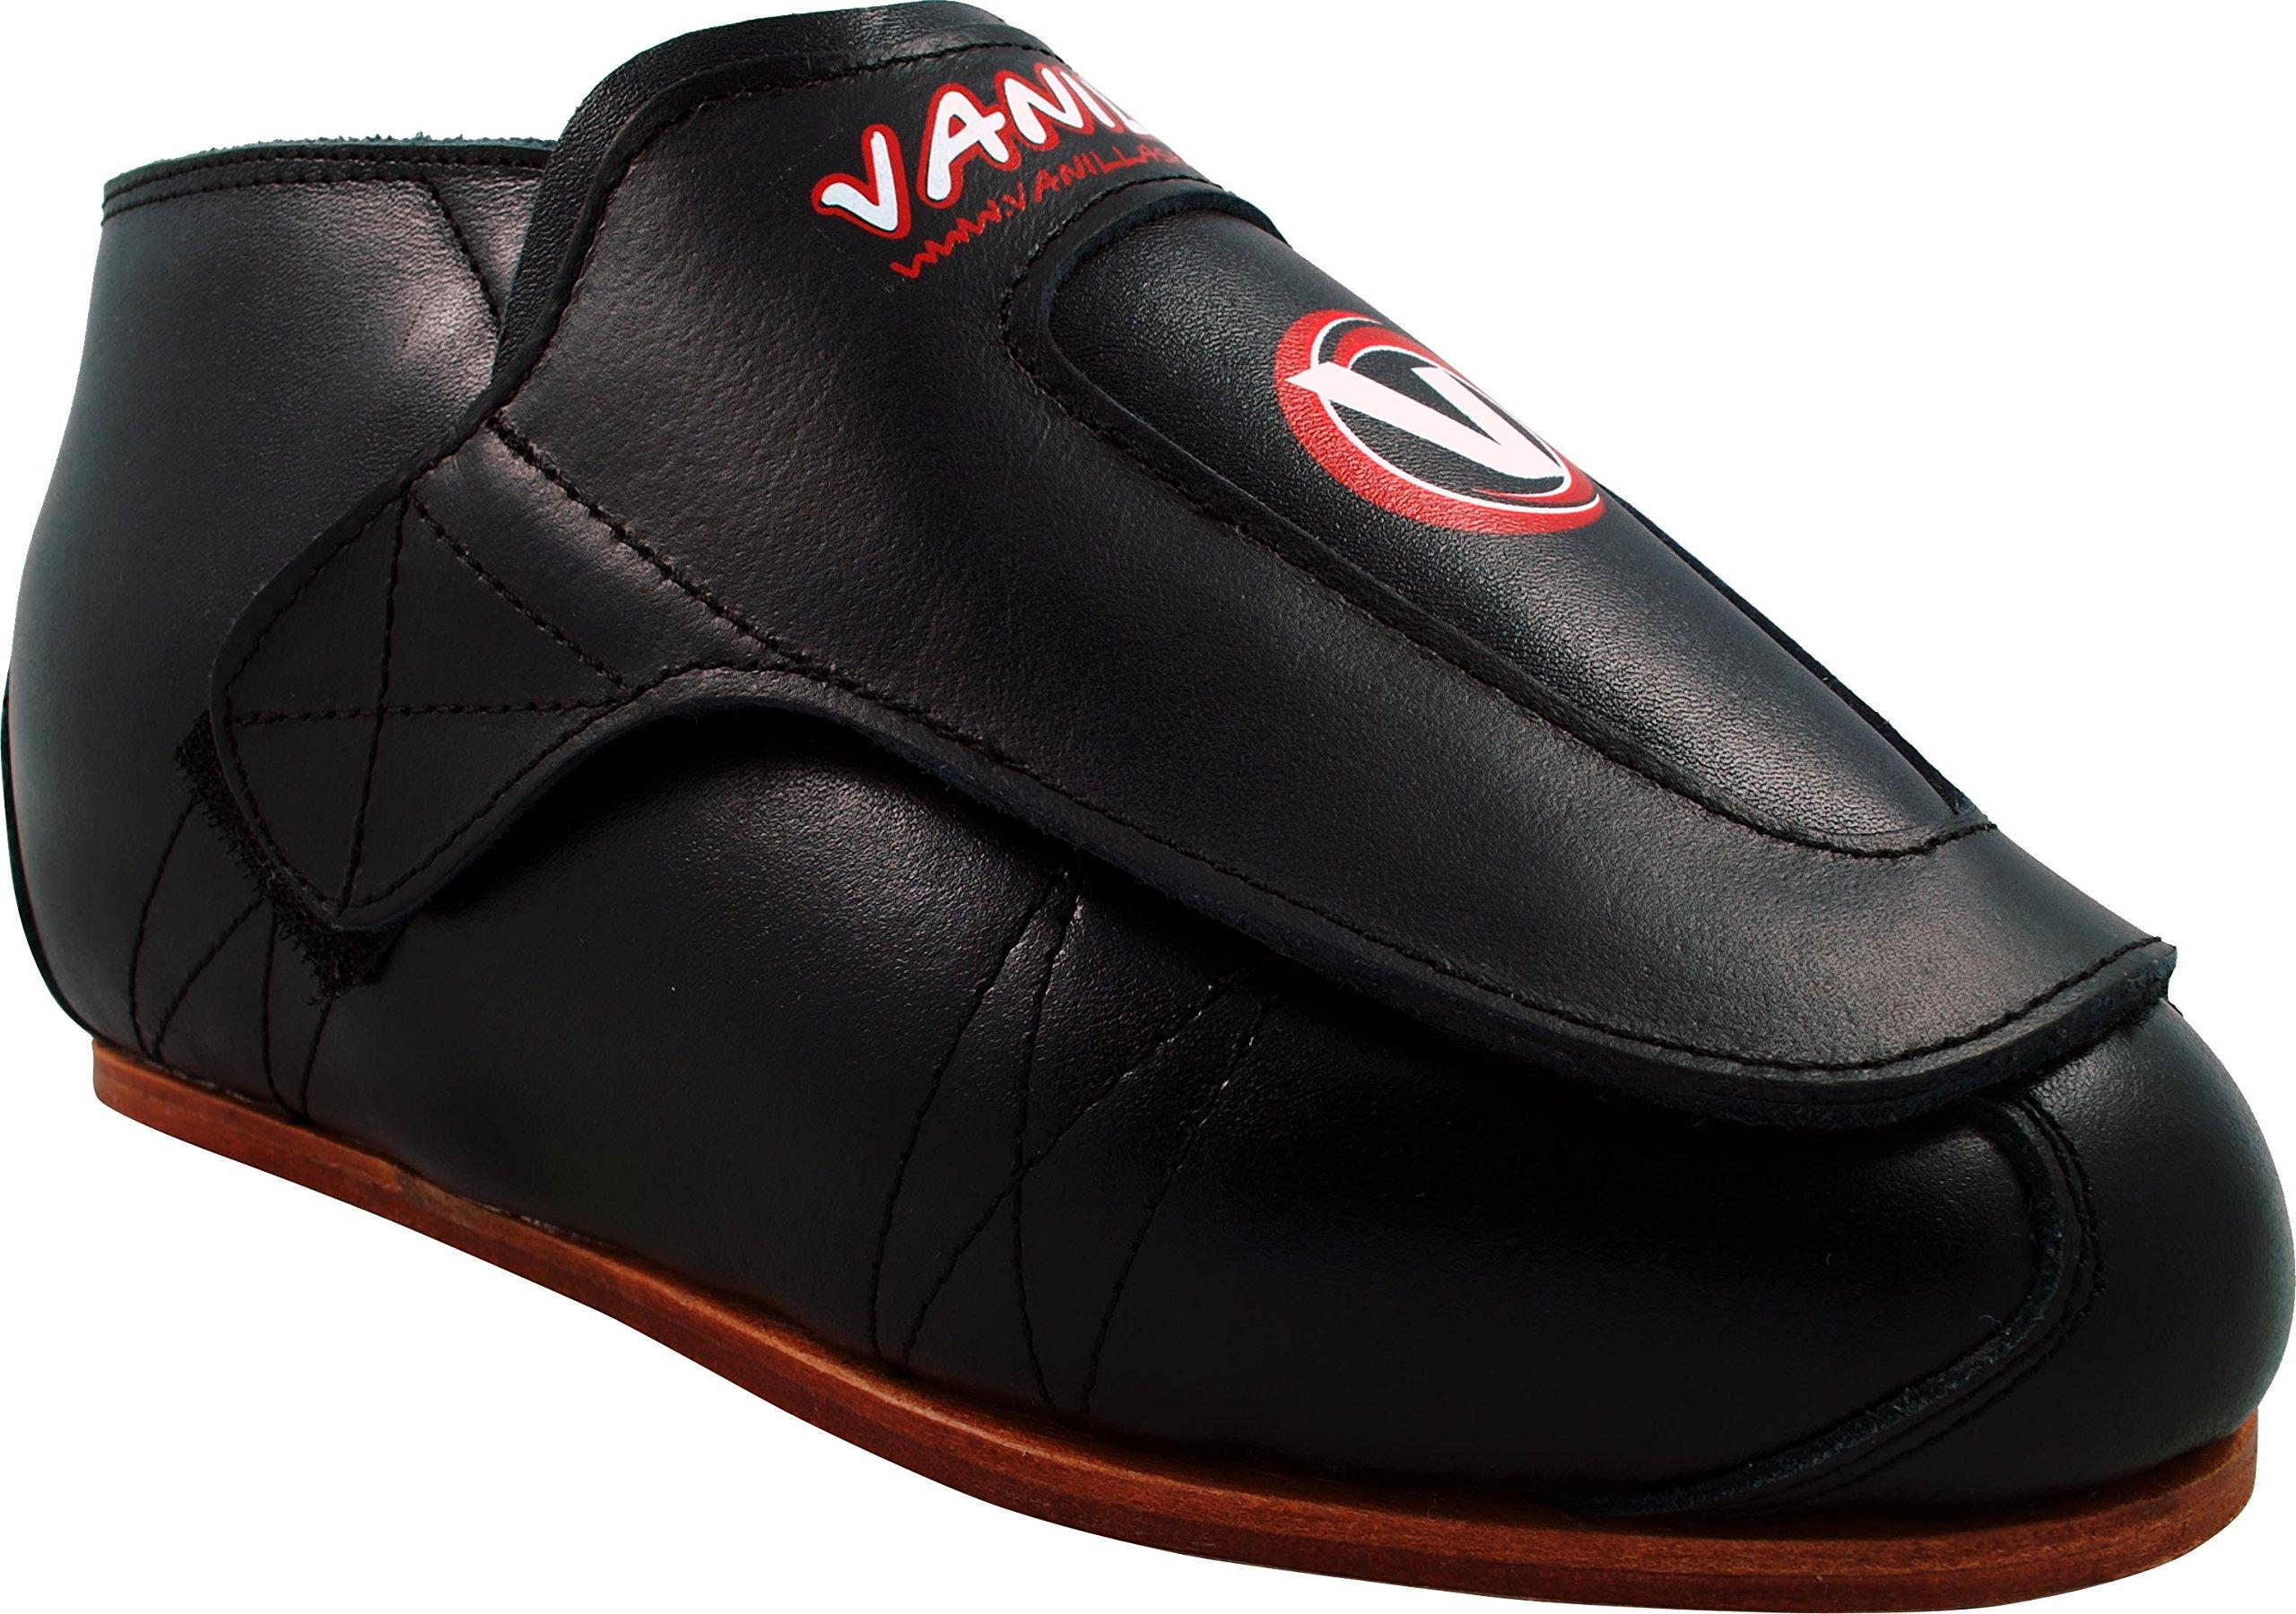 VNLA Freestyle Roller Skate Boots by VNLA